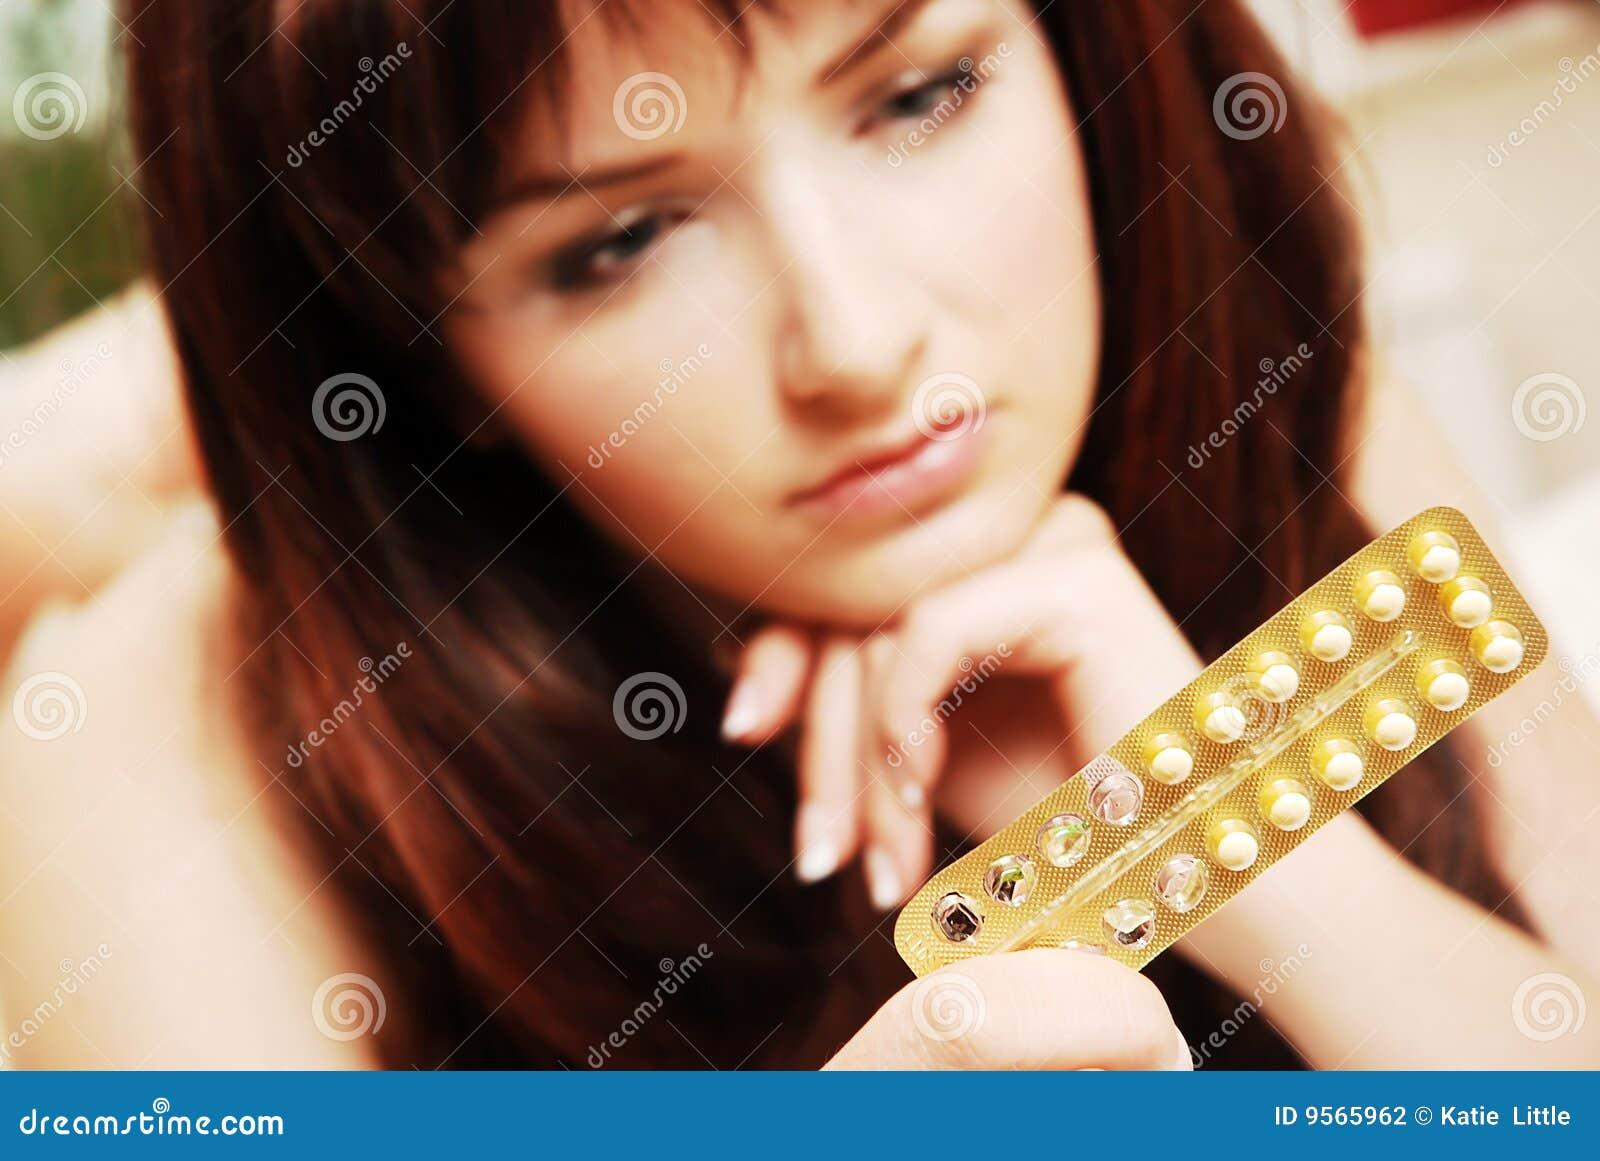 Mujer joven que mira sus píldoras anticonceptivas